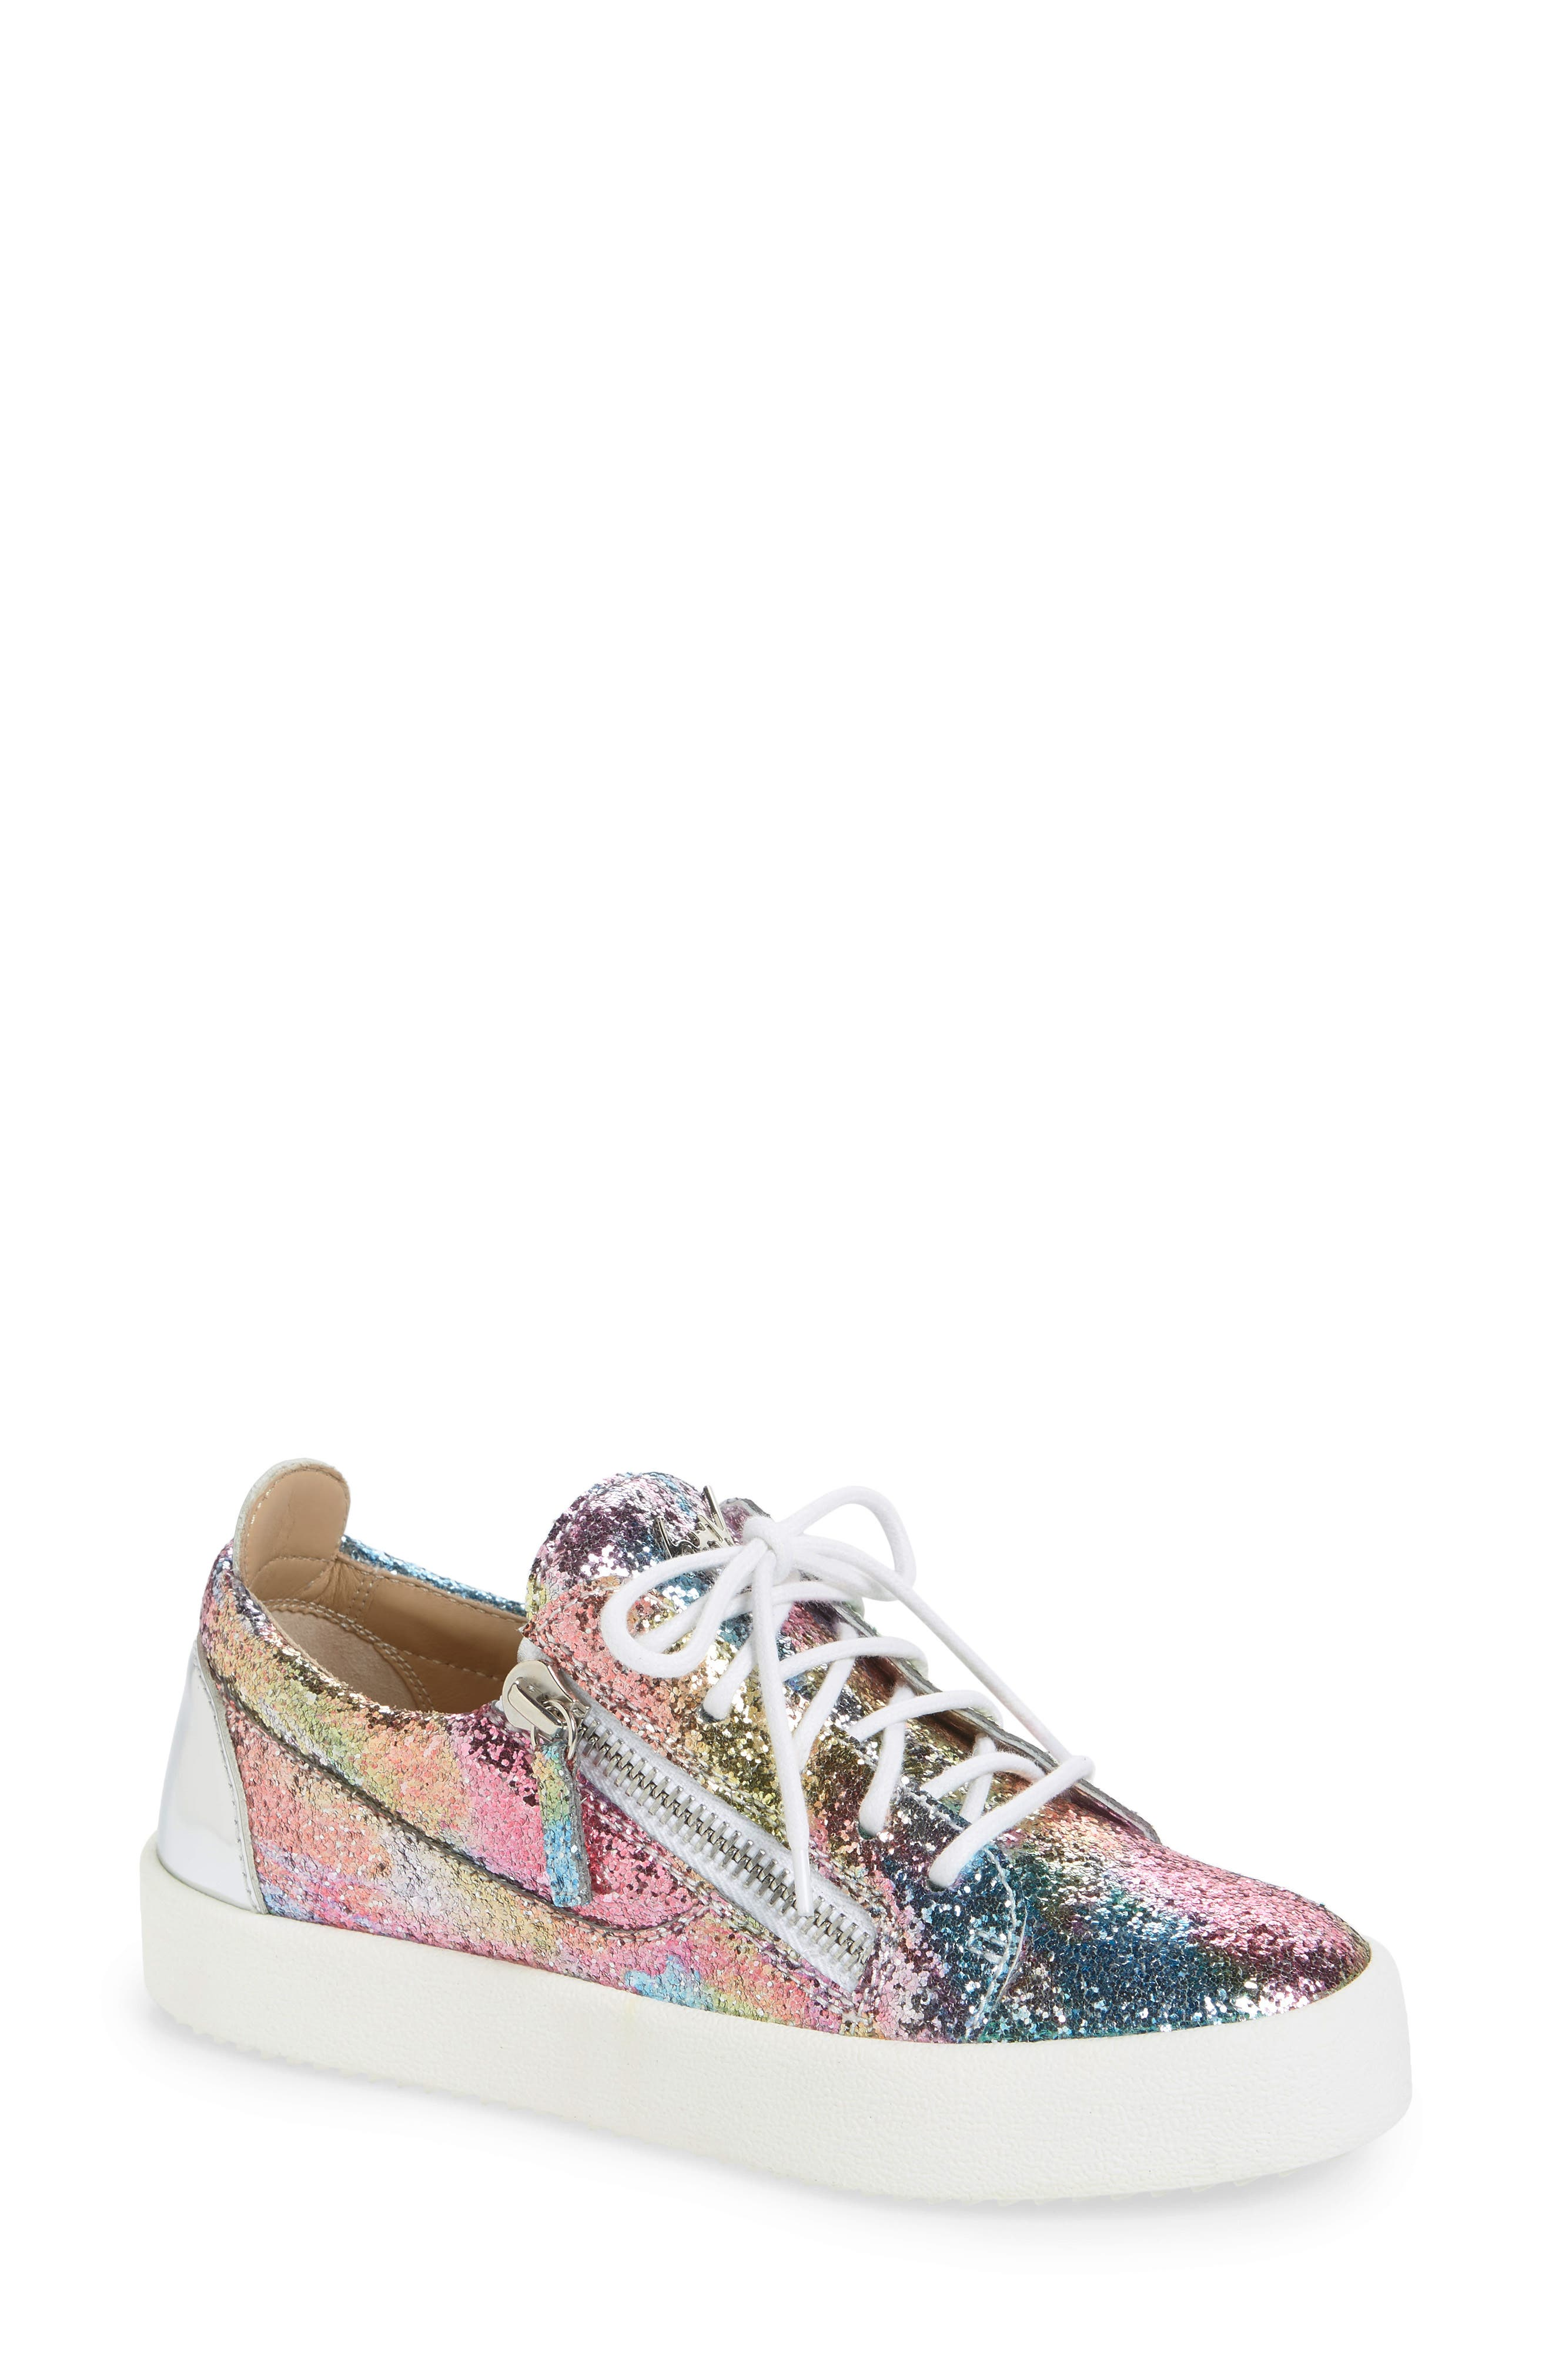 Women'S Glitter Low-Top Platform Sneakers in Multi Glitter